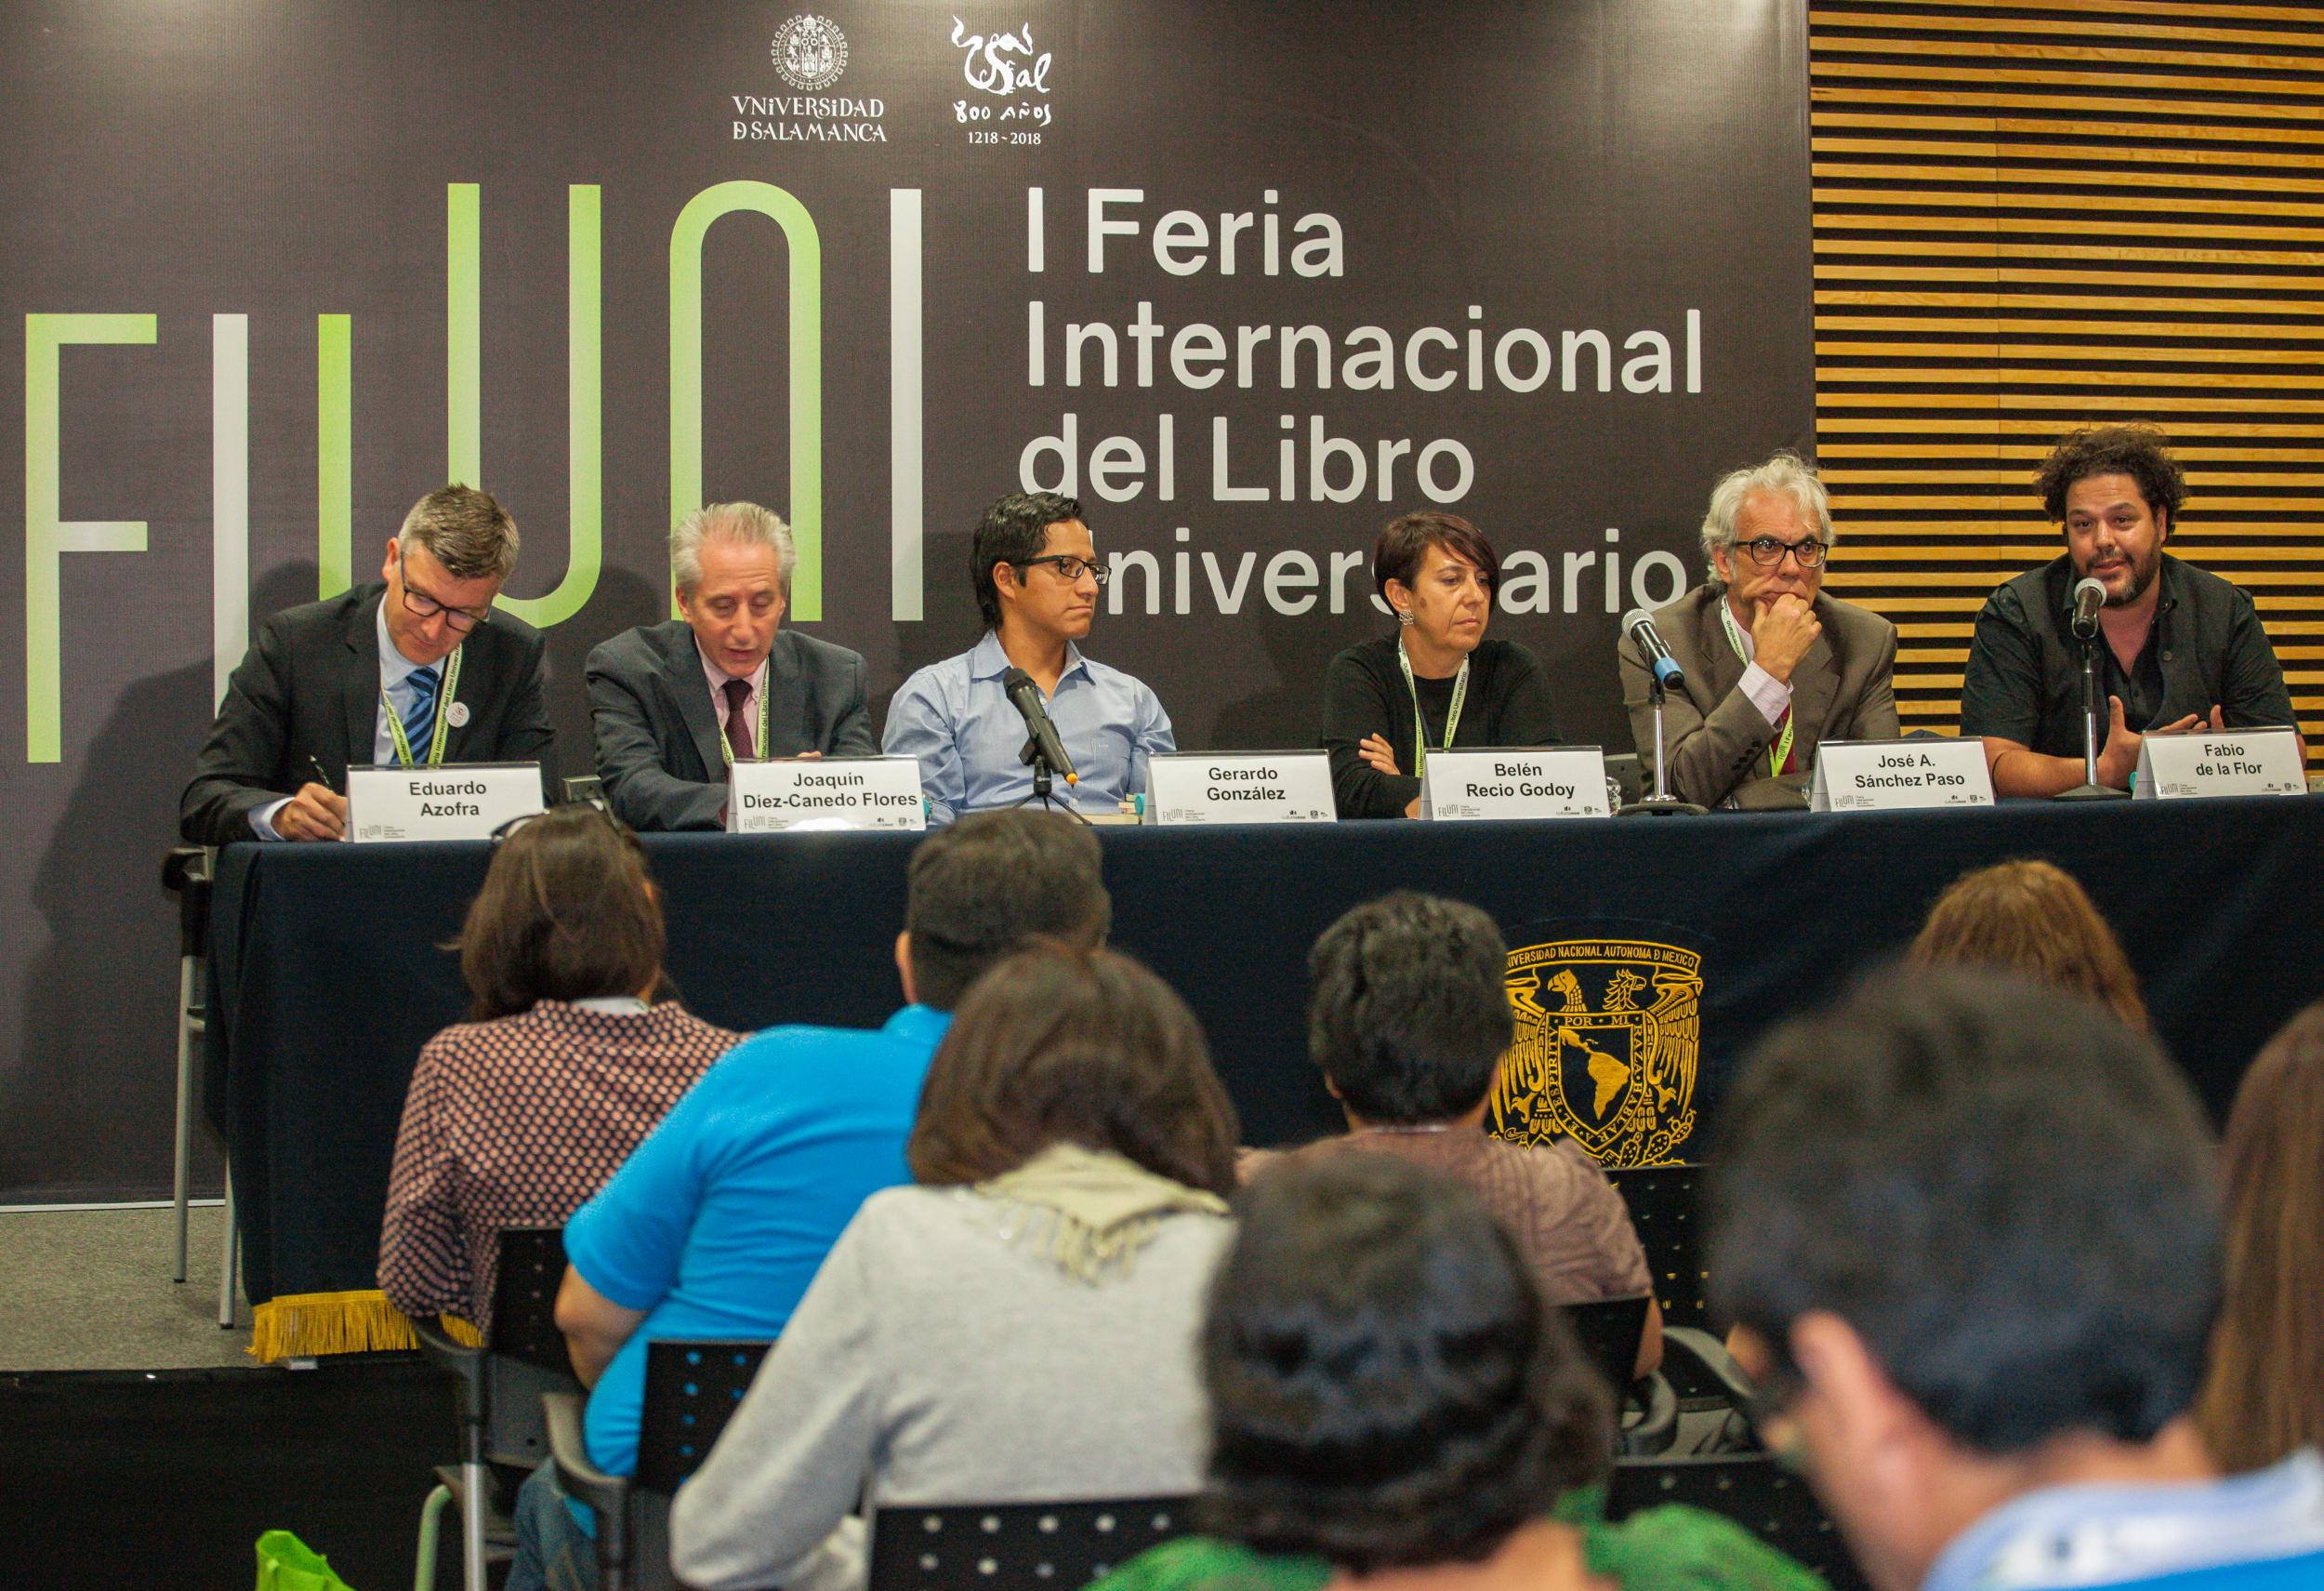 Mesa redonda en torno a la edición universitaria: editoriales universitarias e independientes